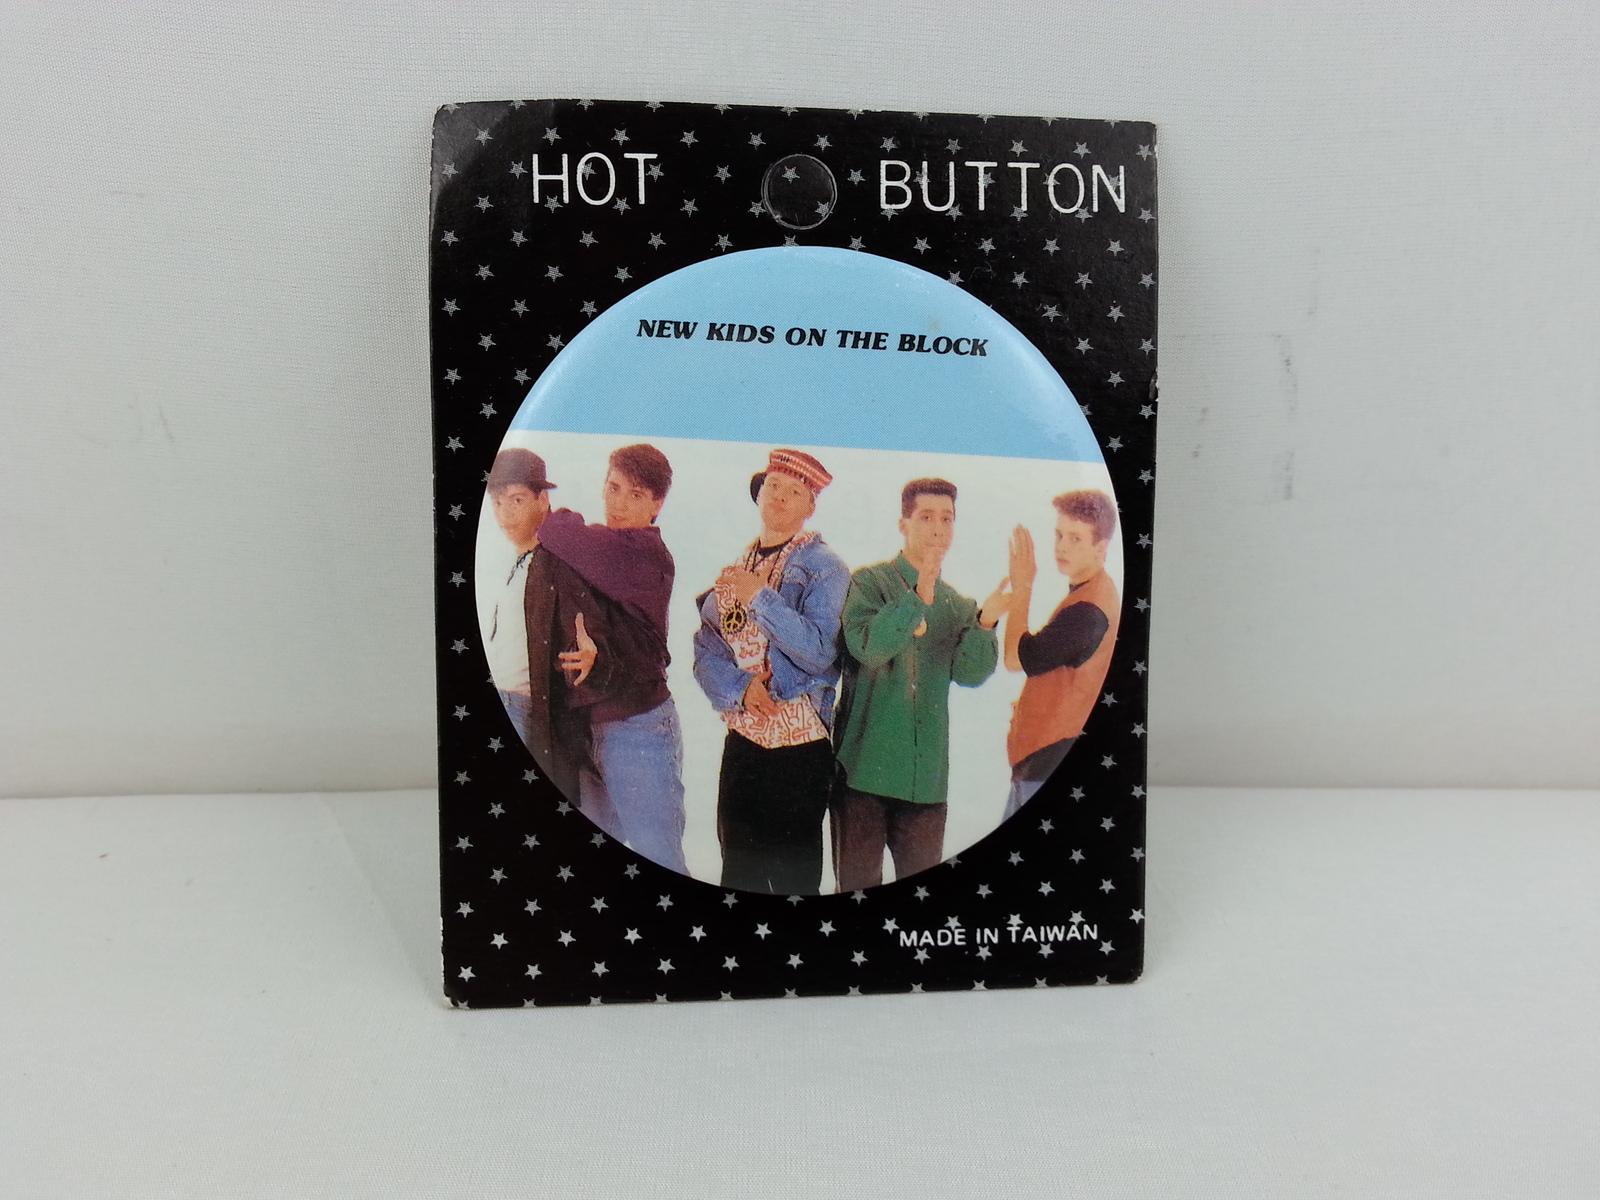 Retro New Kids on the Block Button - Still on Original Card -- Unique